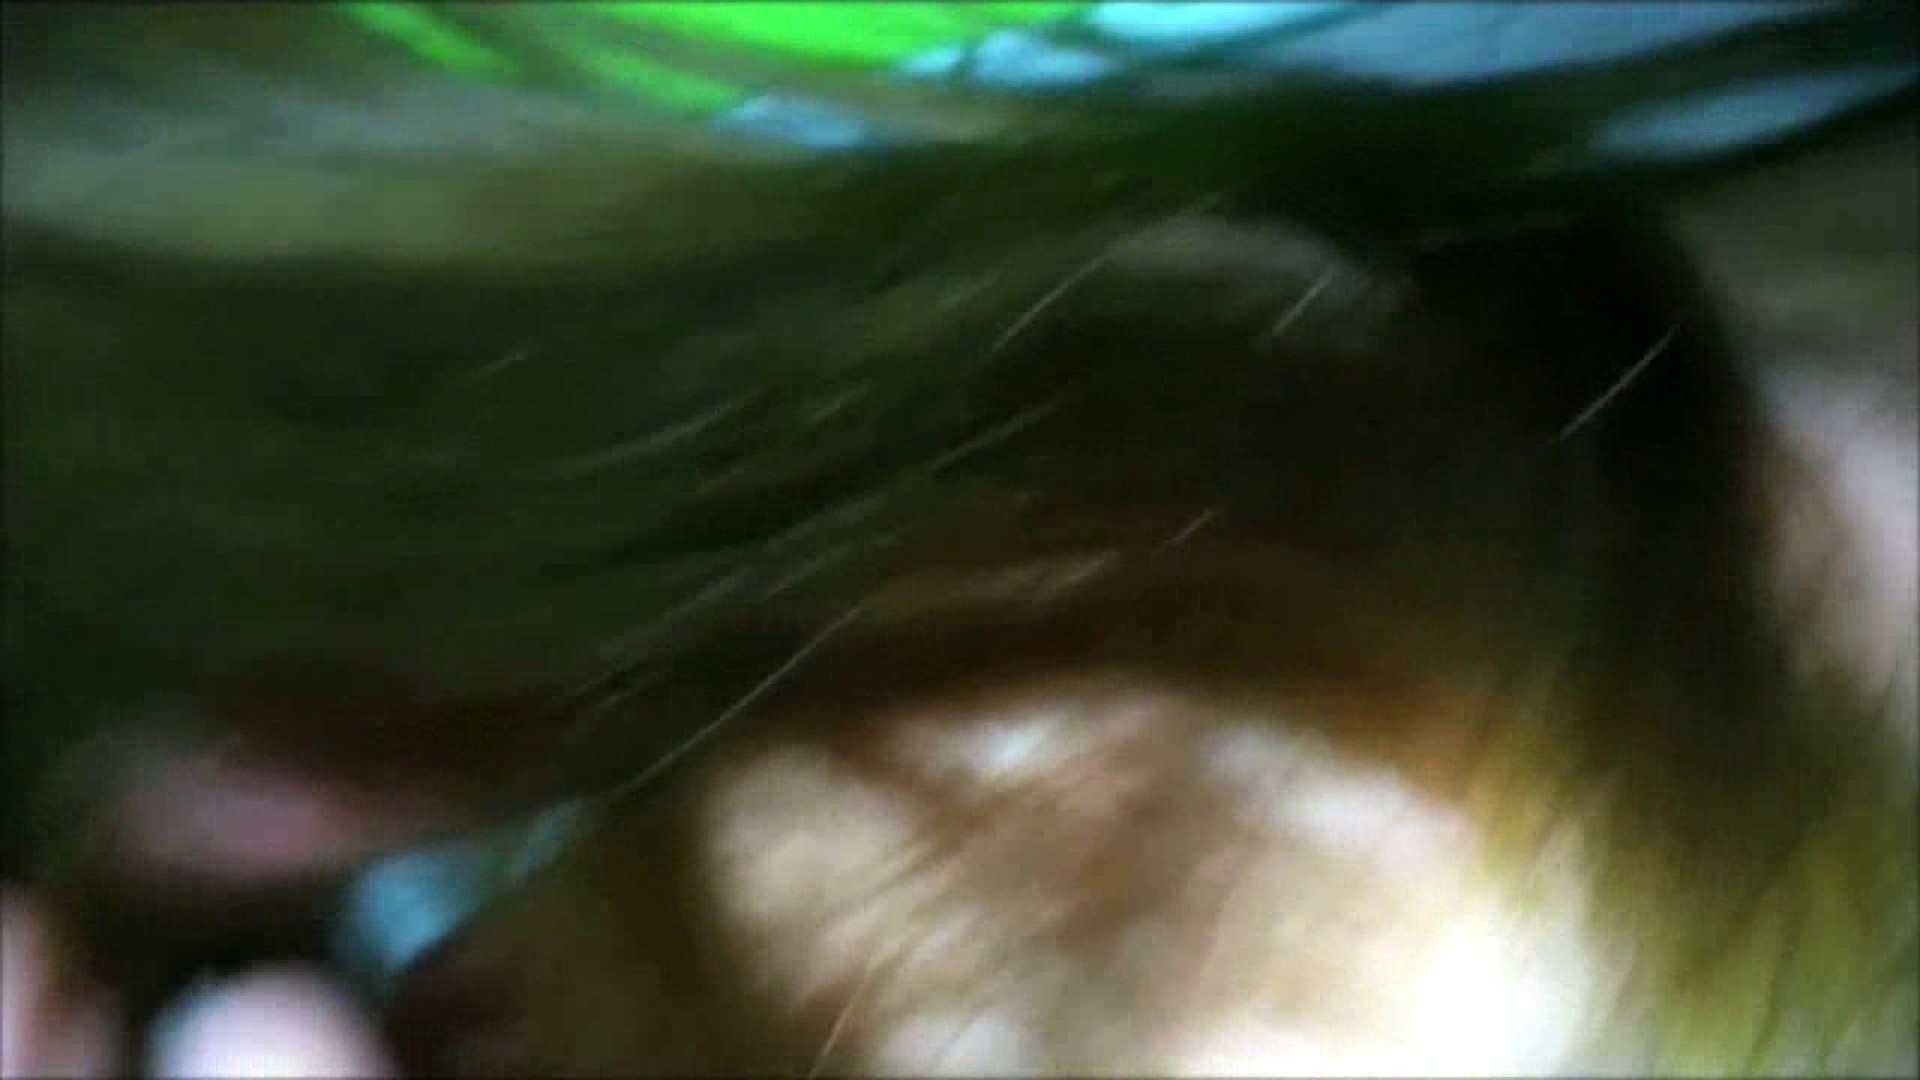 魔術師の お・も・て・な・し vol.15 ギャル系女子大生にブチ込ム! 悪戯   女子大生のヌード  92画像 66